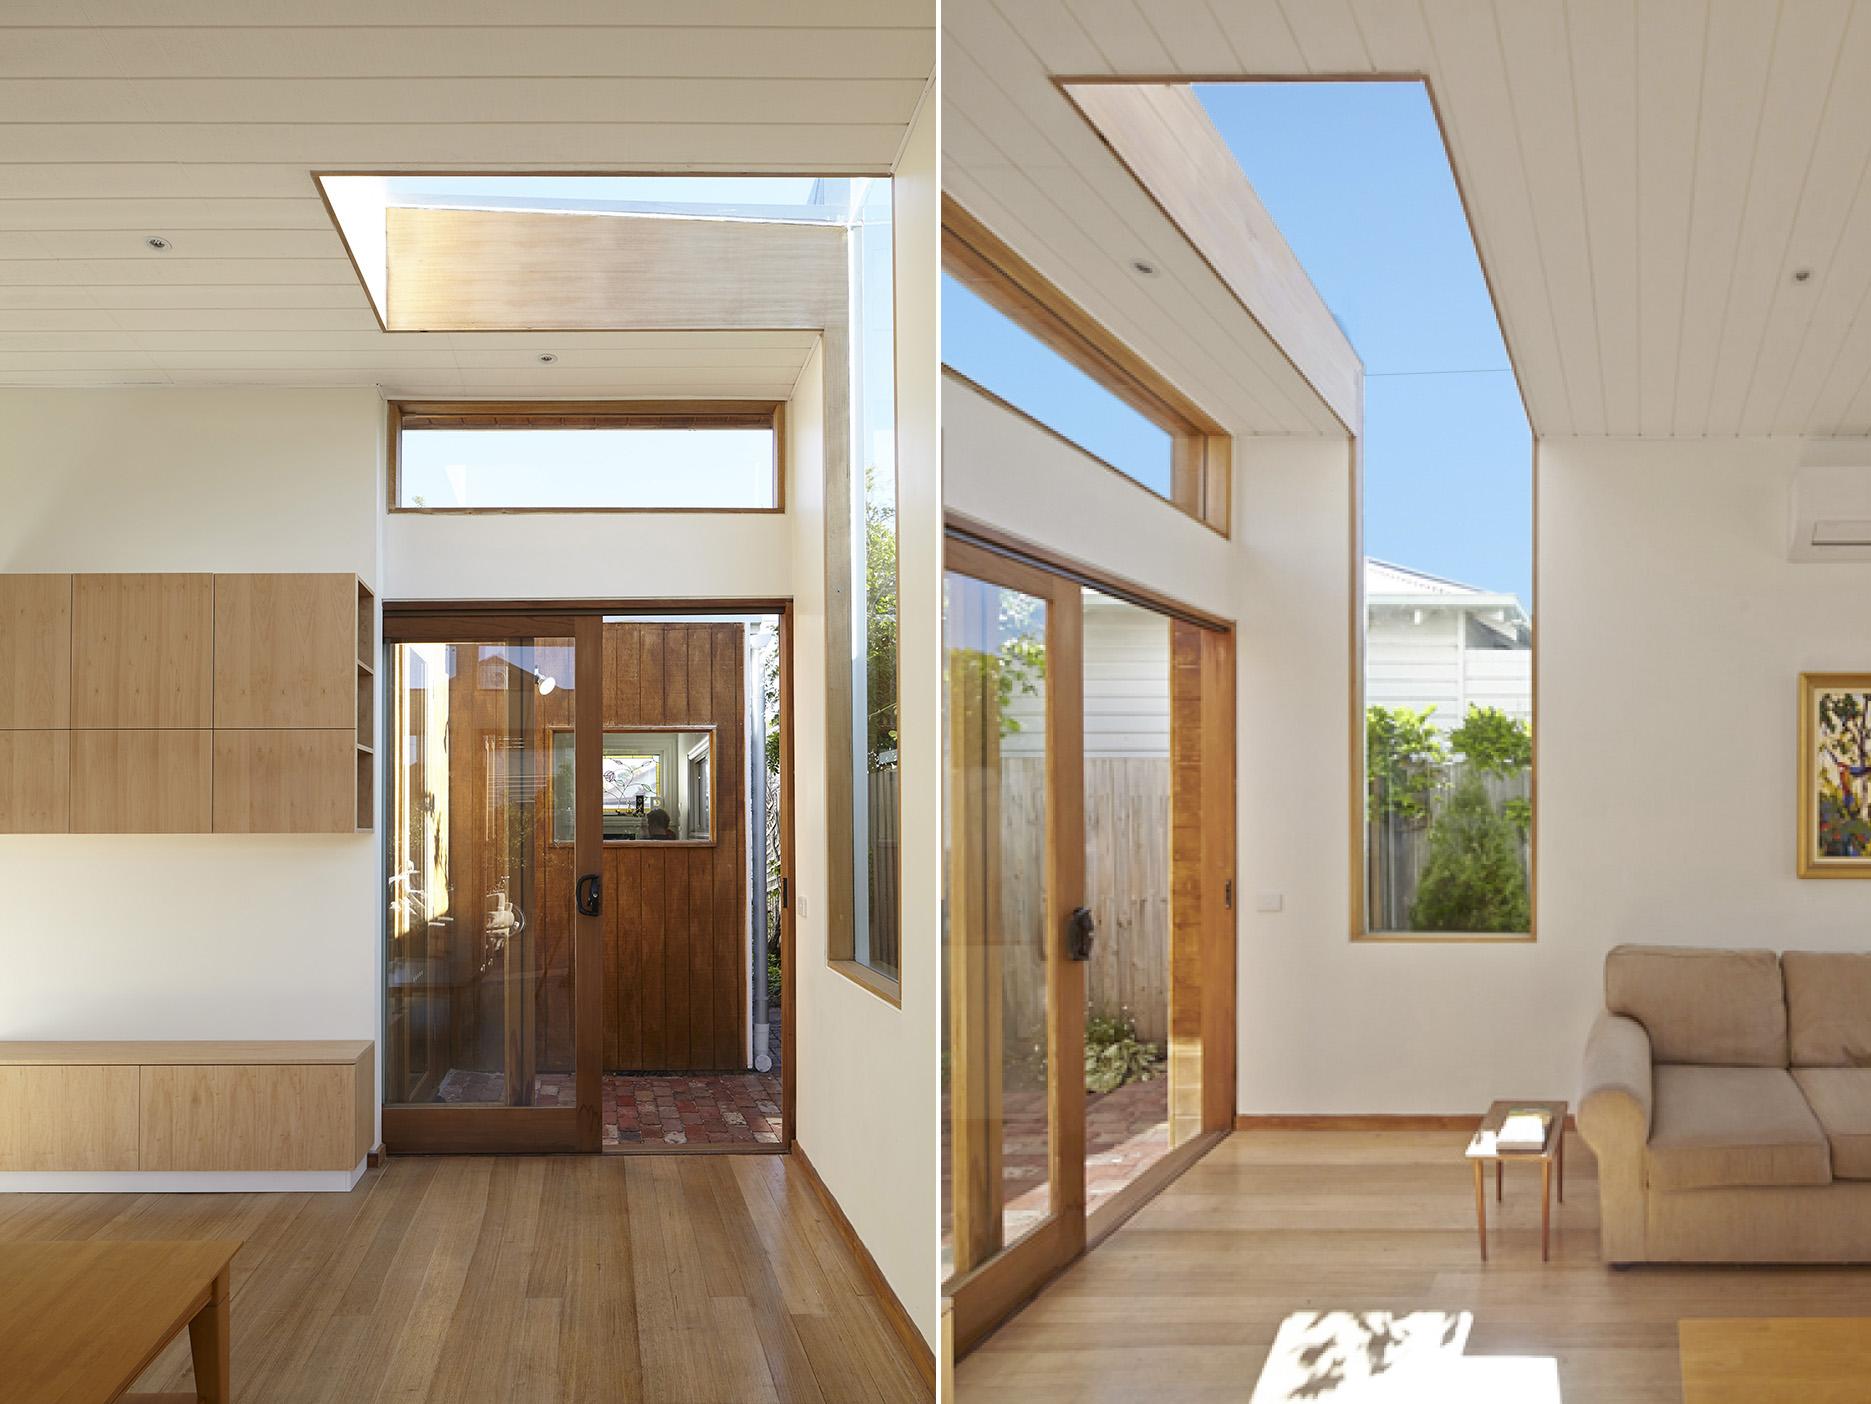 Newport Melbourne Architect Architecture Extension Megowan Rooflight